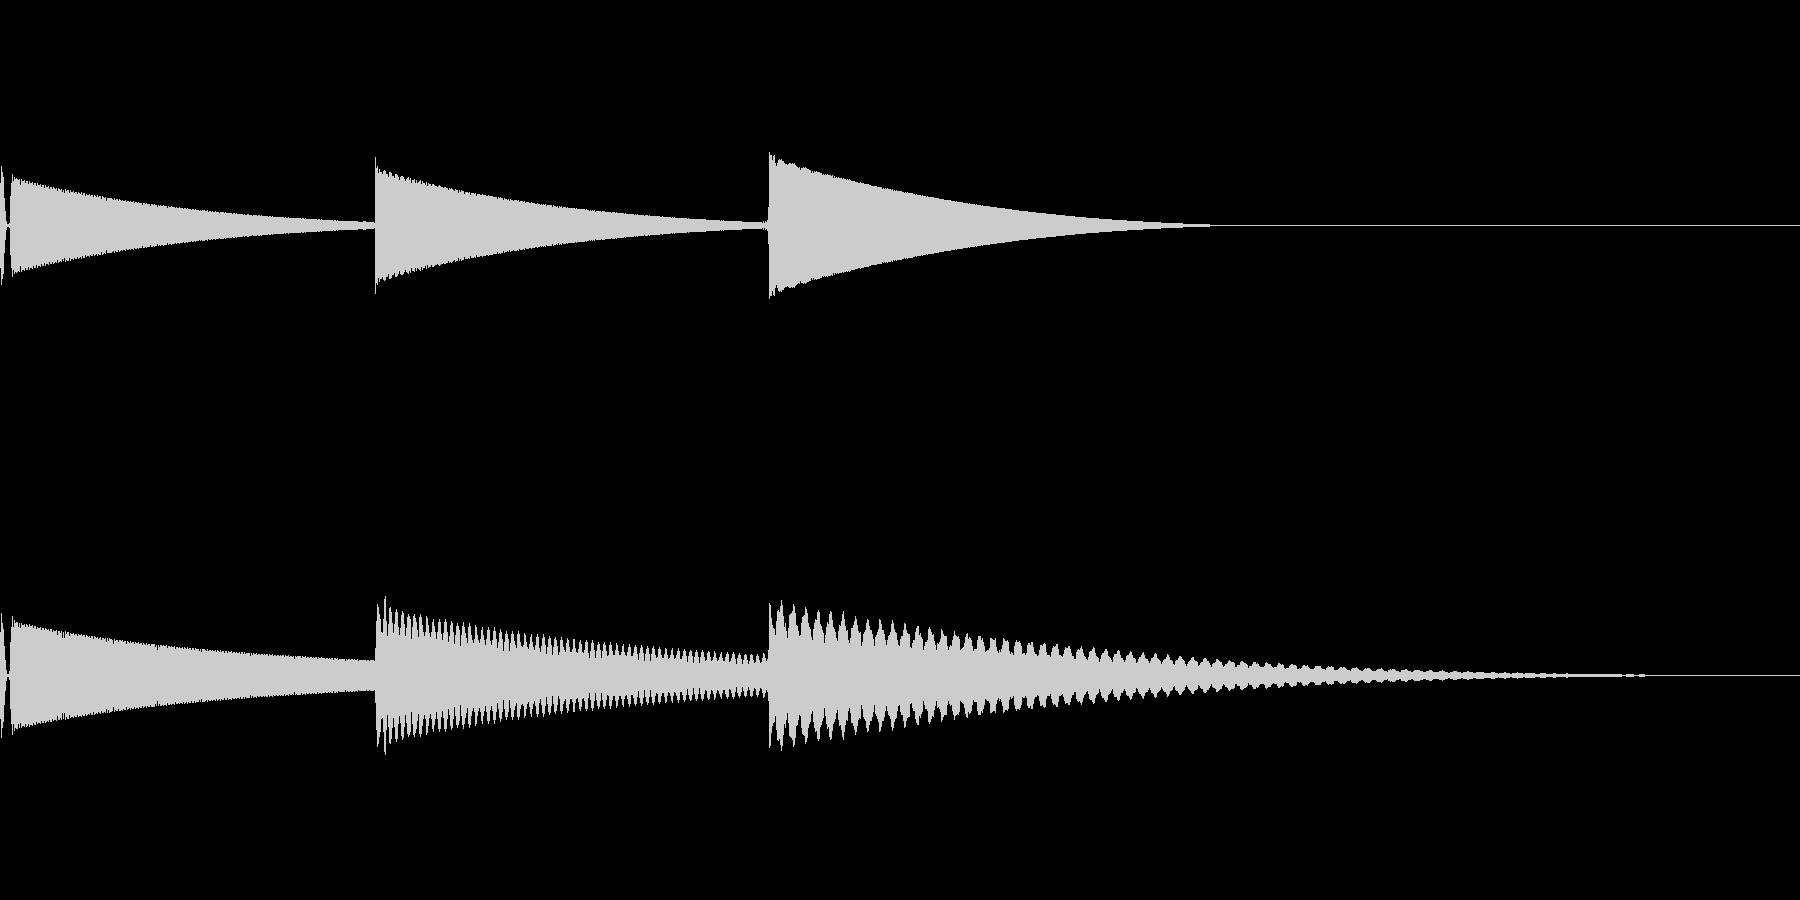 [効果音]柔らかい着信音の未再生の波形